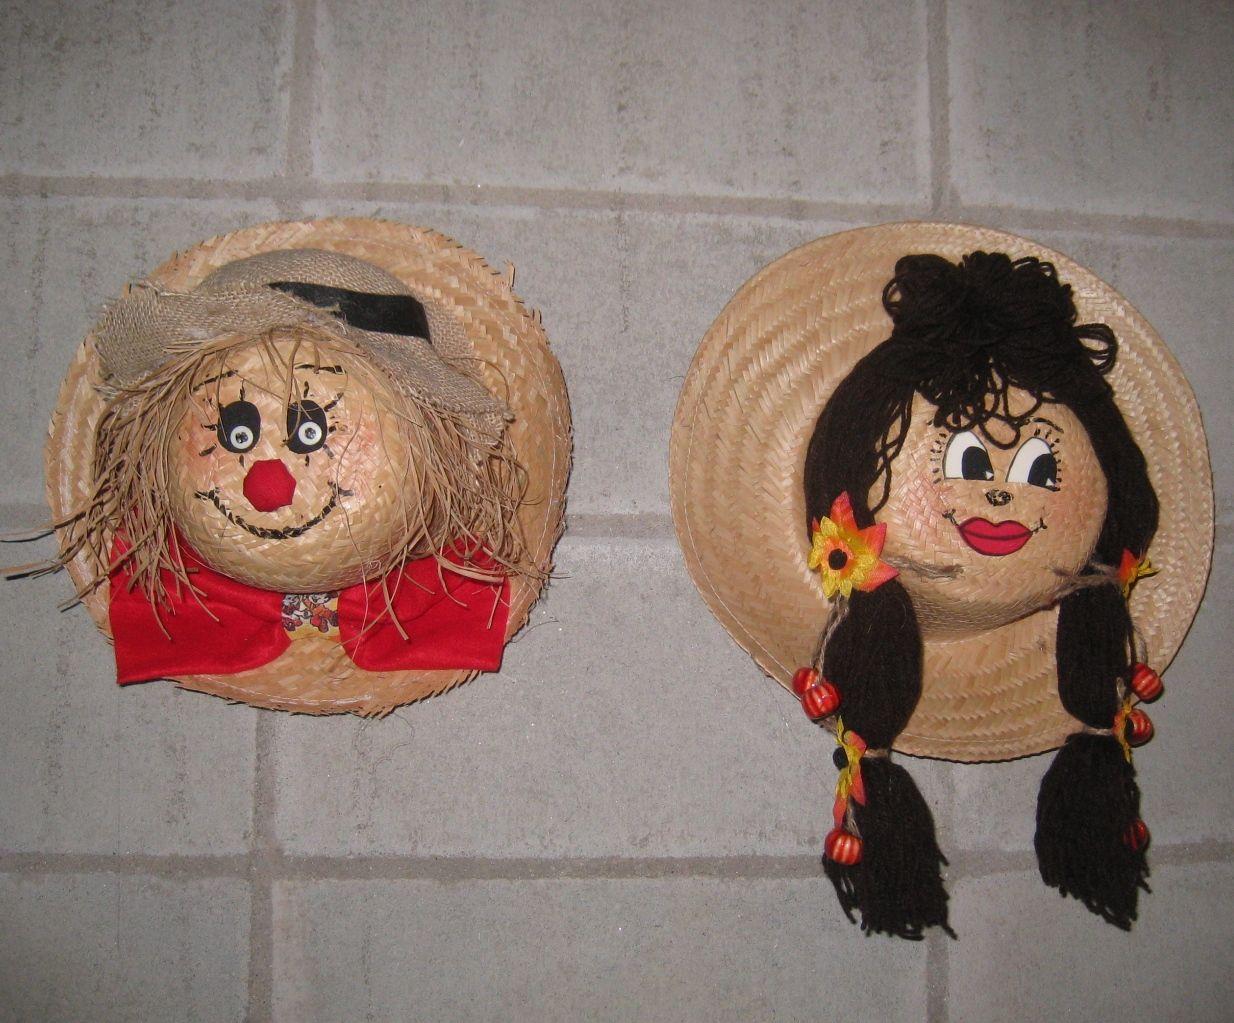 Espantalhos feitos em chapéu - Castorina